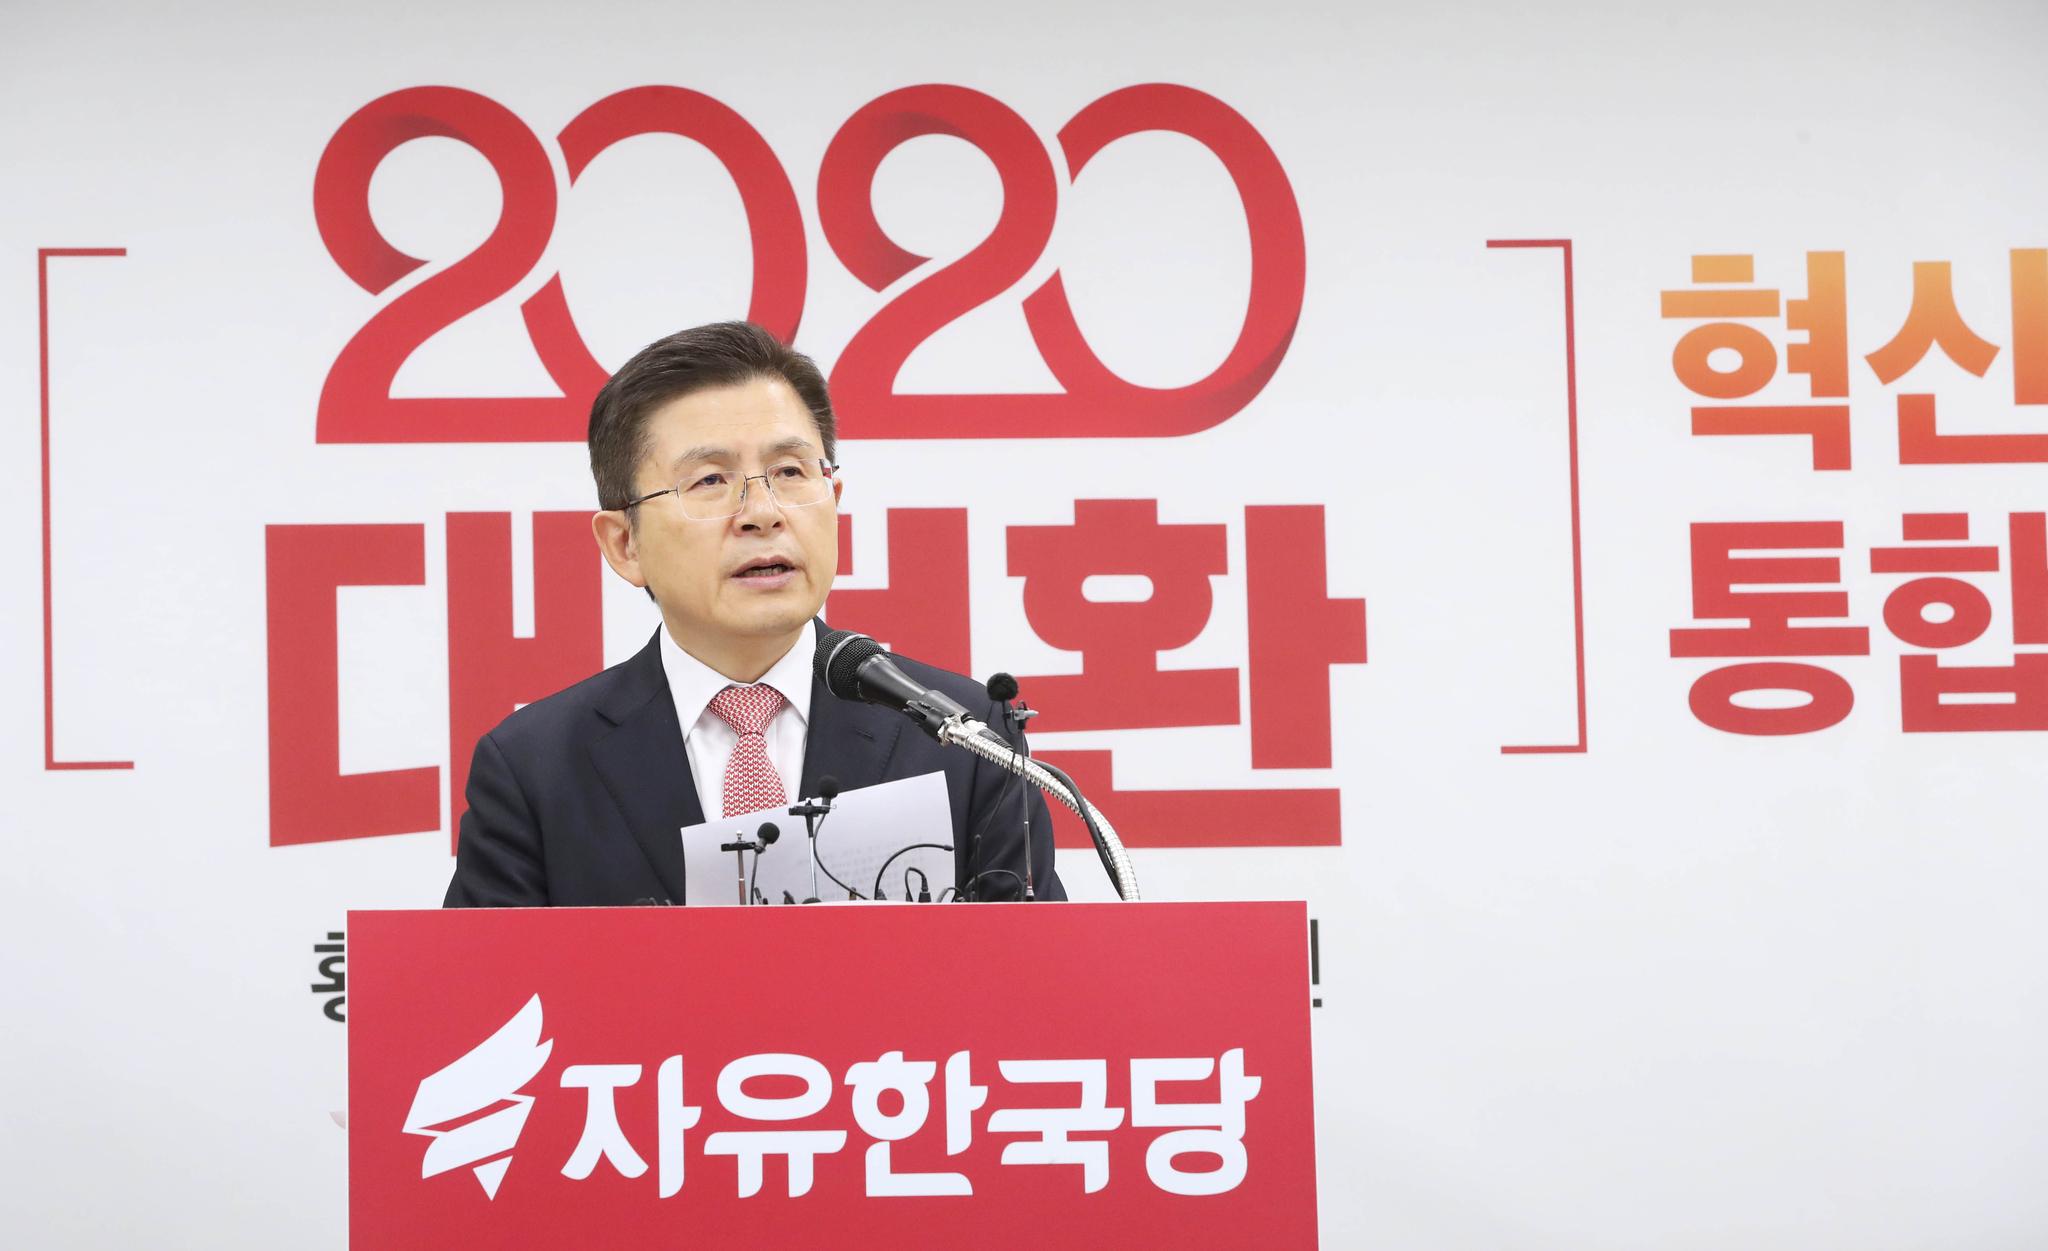 황교안 자유한국당 대표가 22일 오전 서울 영등포구 중앙당사에서 신년 기자회견을 하고 있다. [연합뉴스]